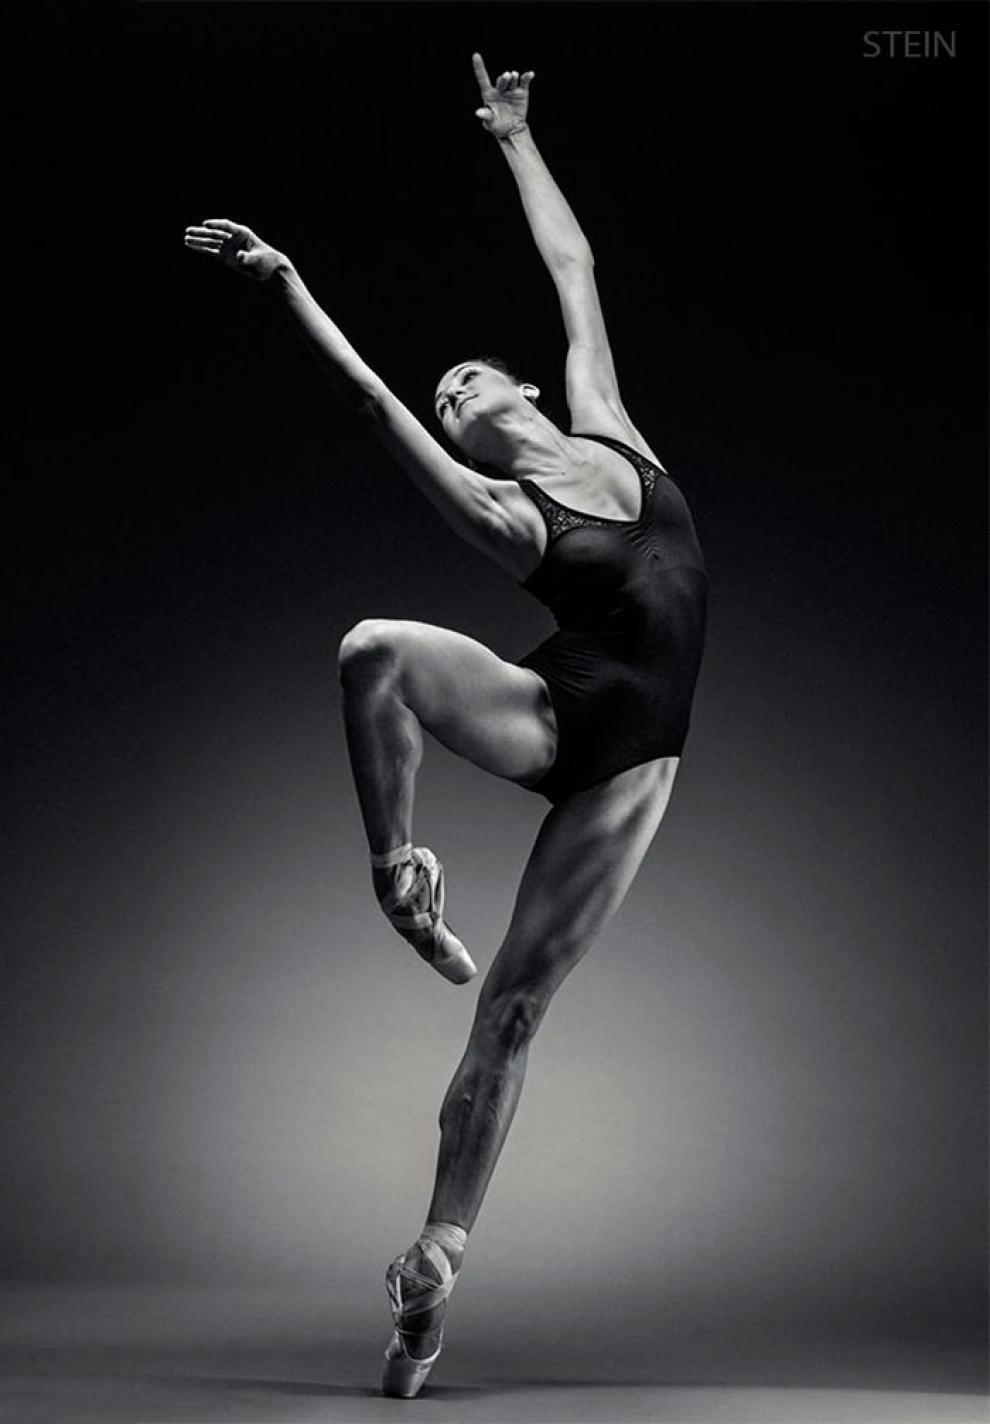 Favoloso La fatica delle ballerine in 15 meravigliose foto - Foto 1 di 15  UM63